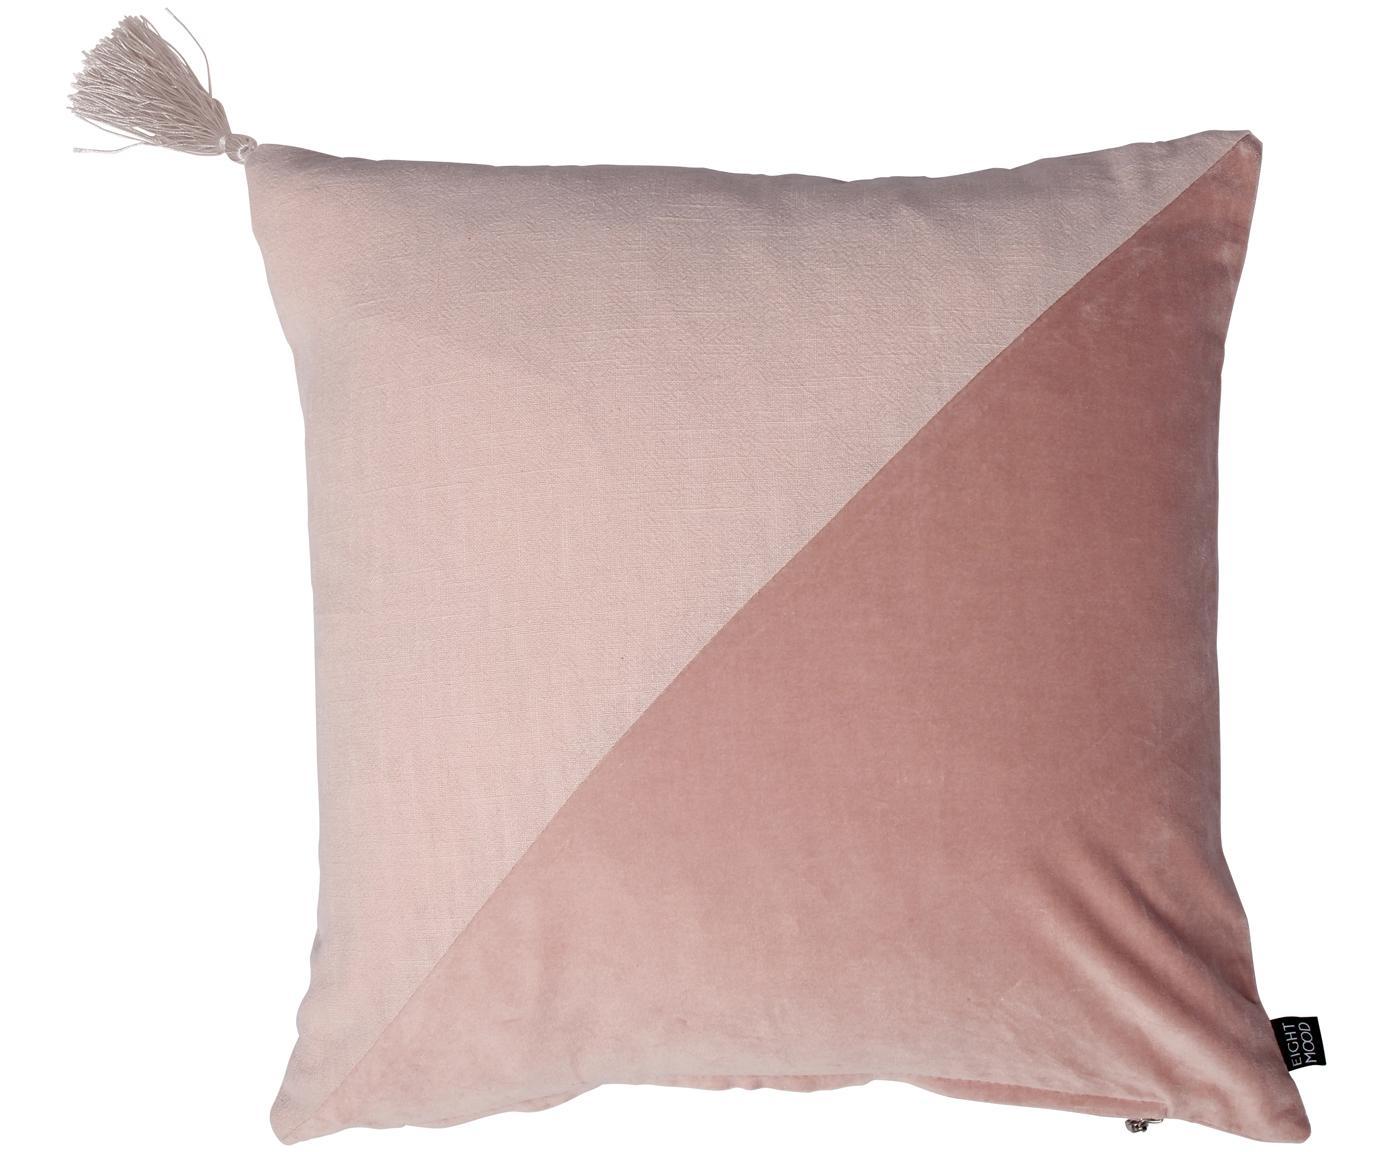 Fluwelen kussen Shadow, Roze, 45 x 45 cm